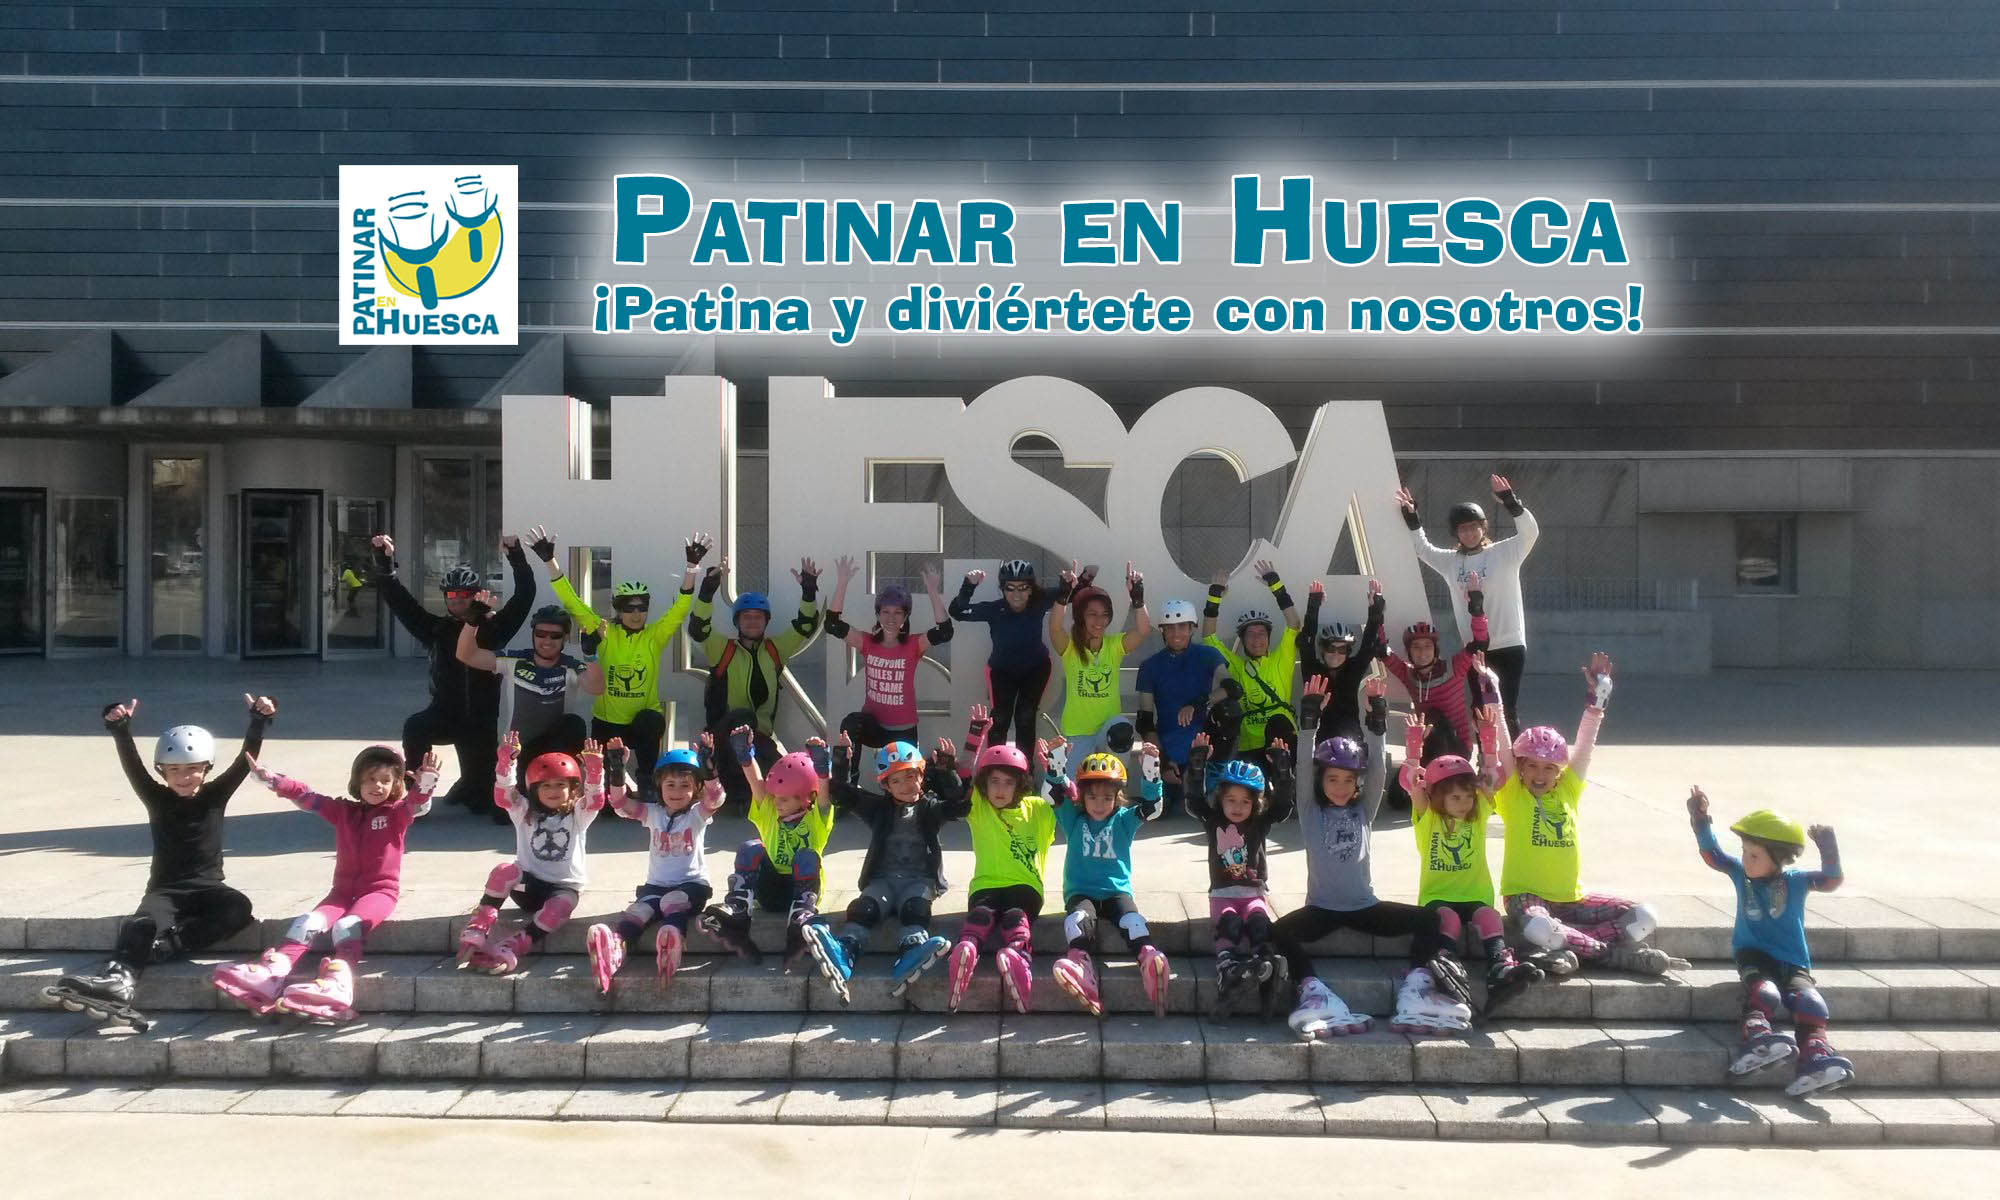 Patinar en Huesca